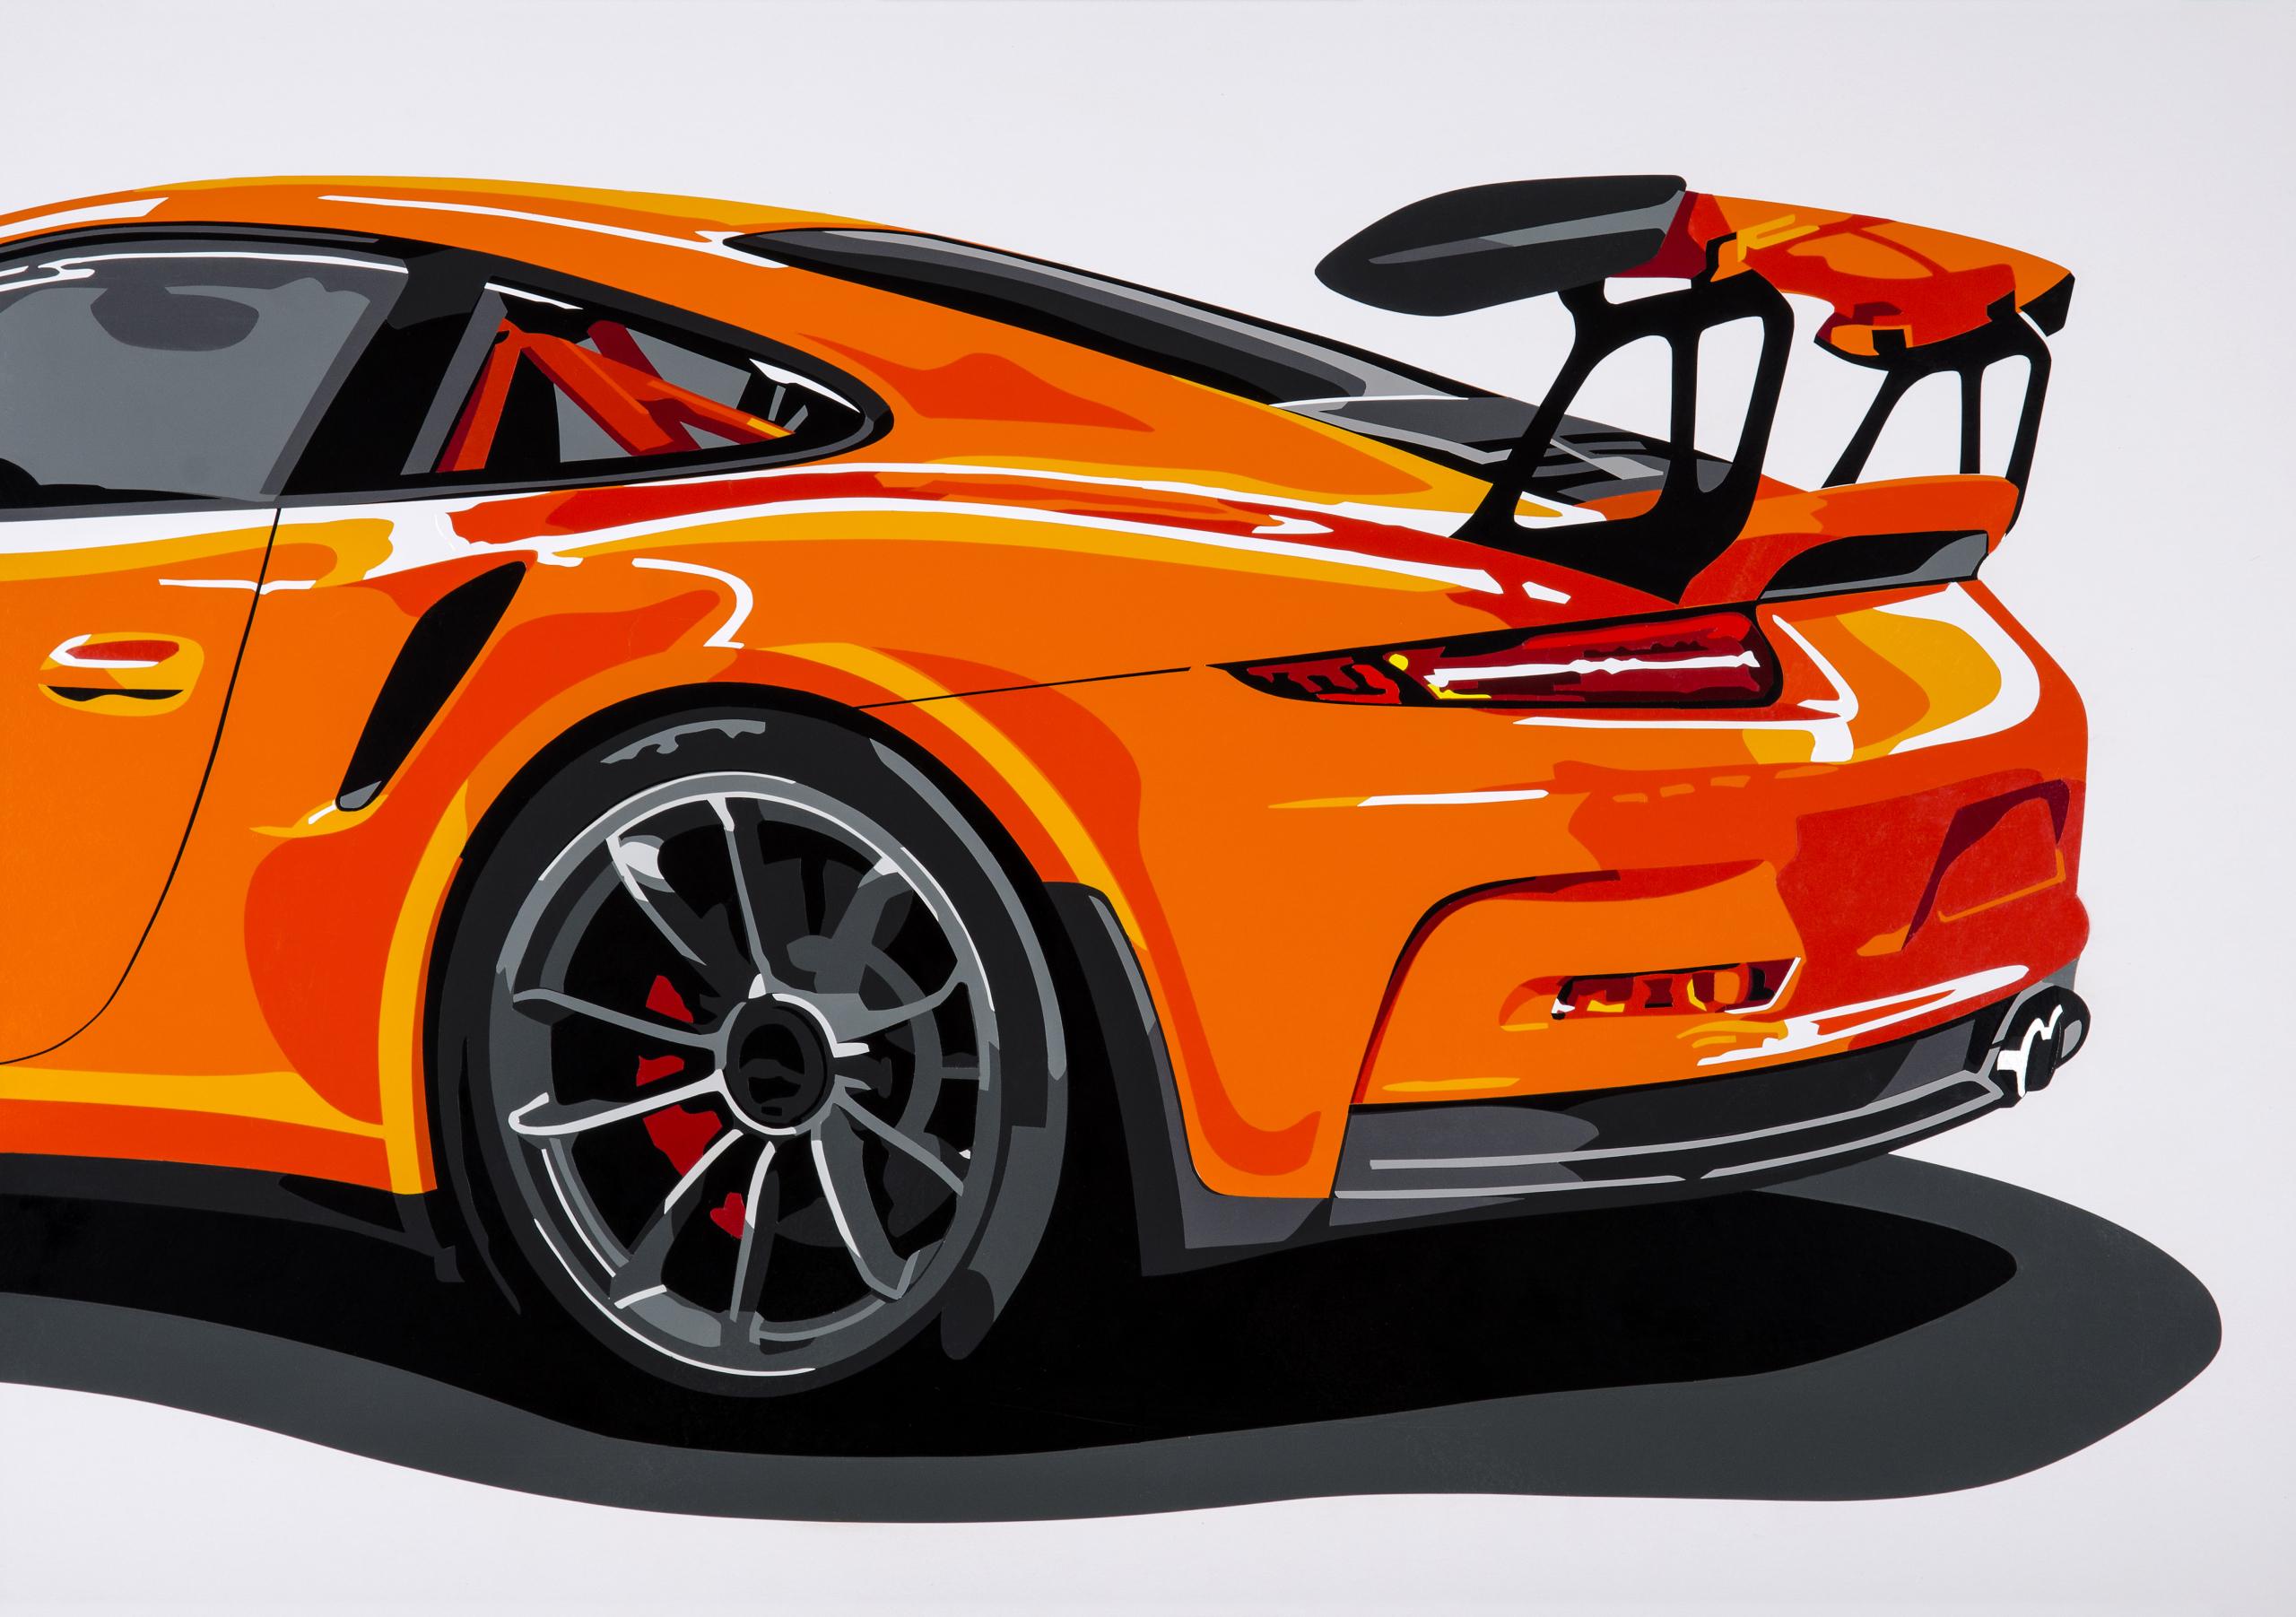 Joel Clark Porsche 991 GT3 RS